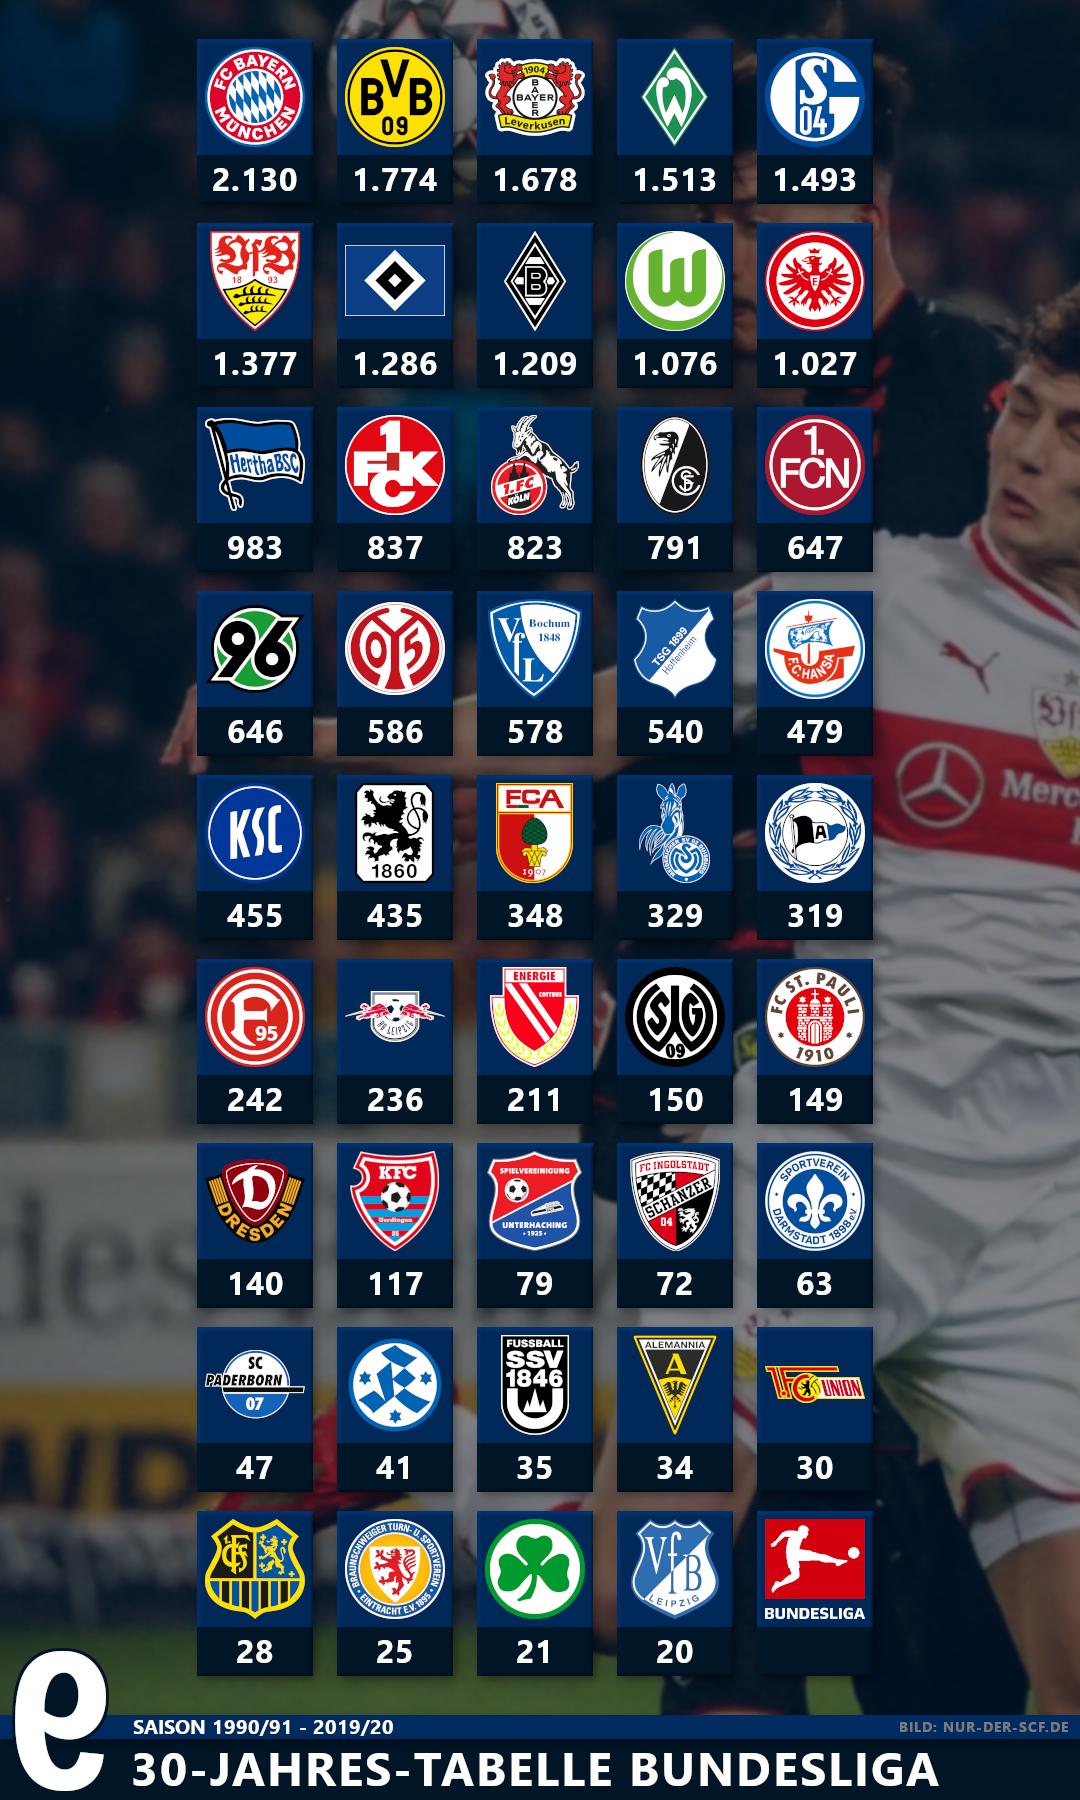 Bundesliga Tabellen Der Letzten Jahre